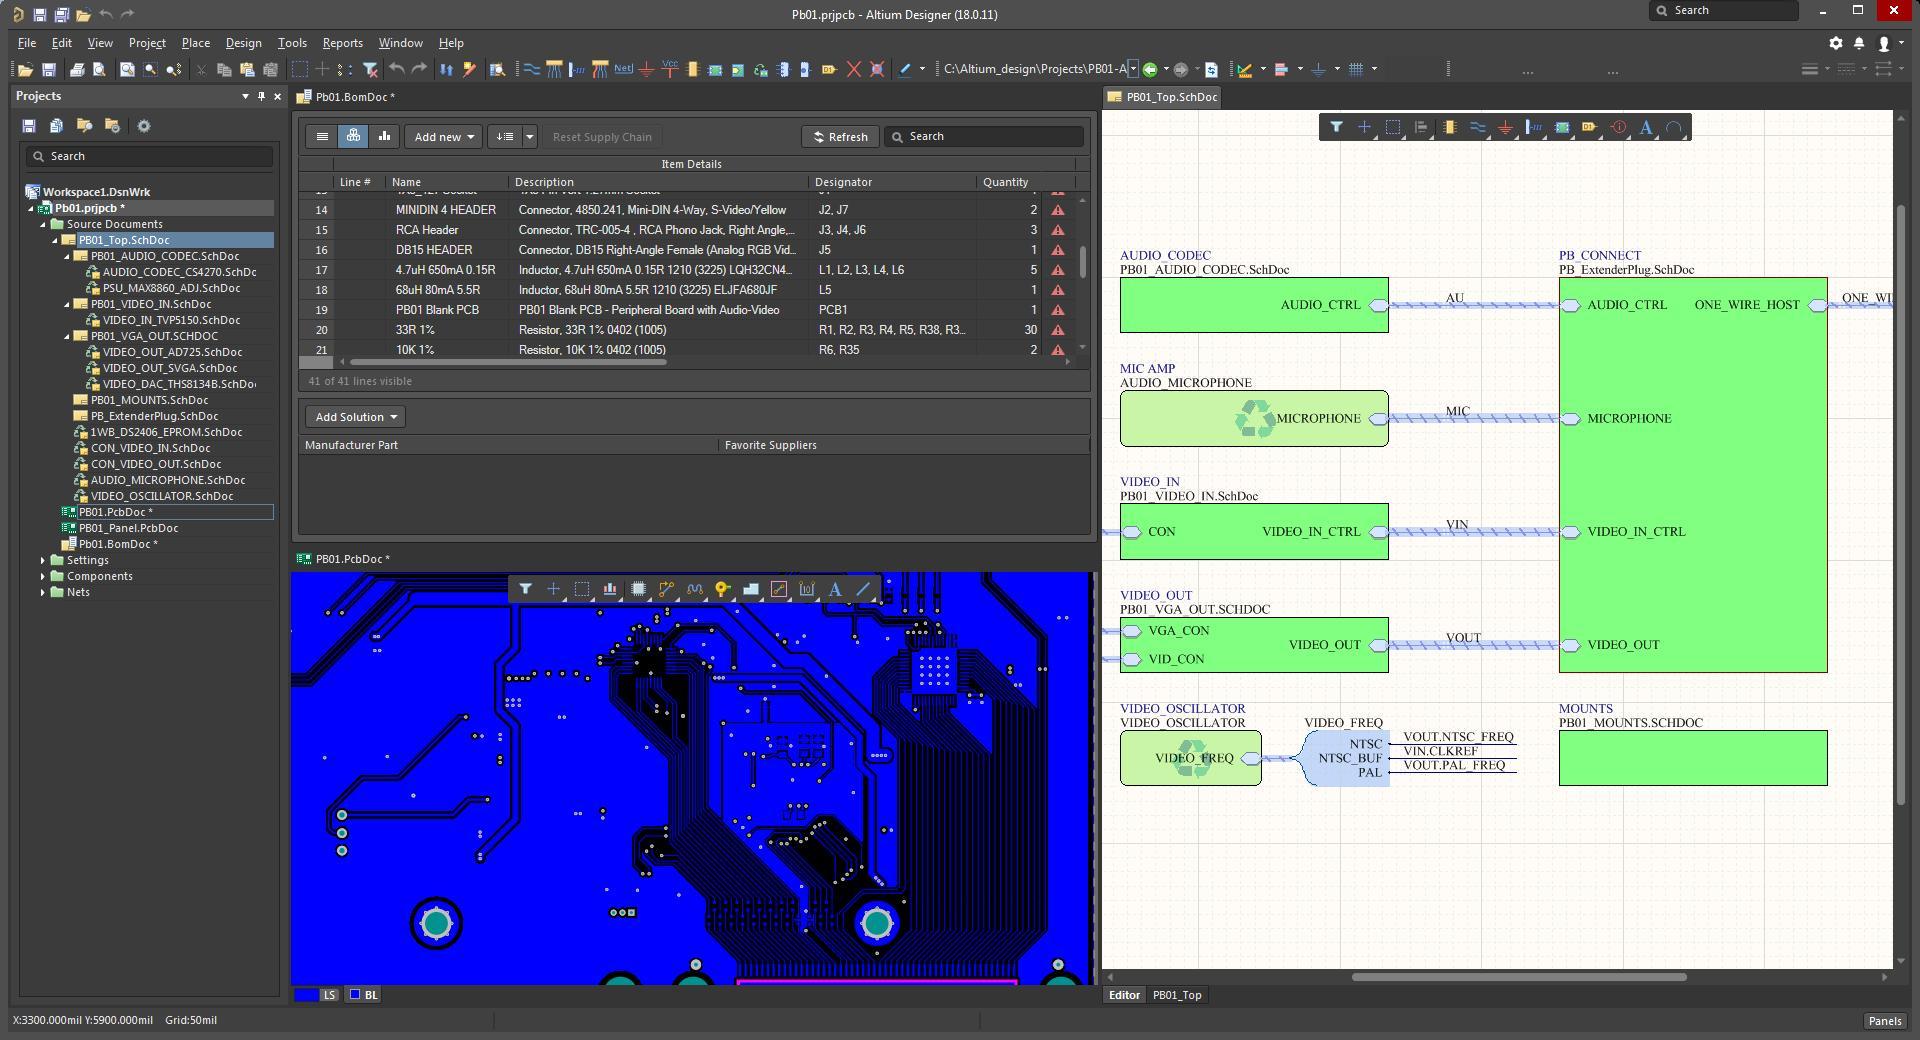 Screen shot of Altium Designer 18 with multiple tool windows open